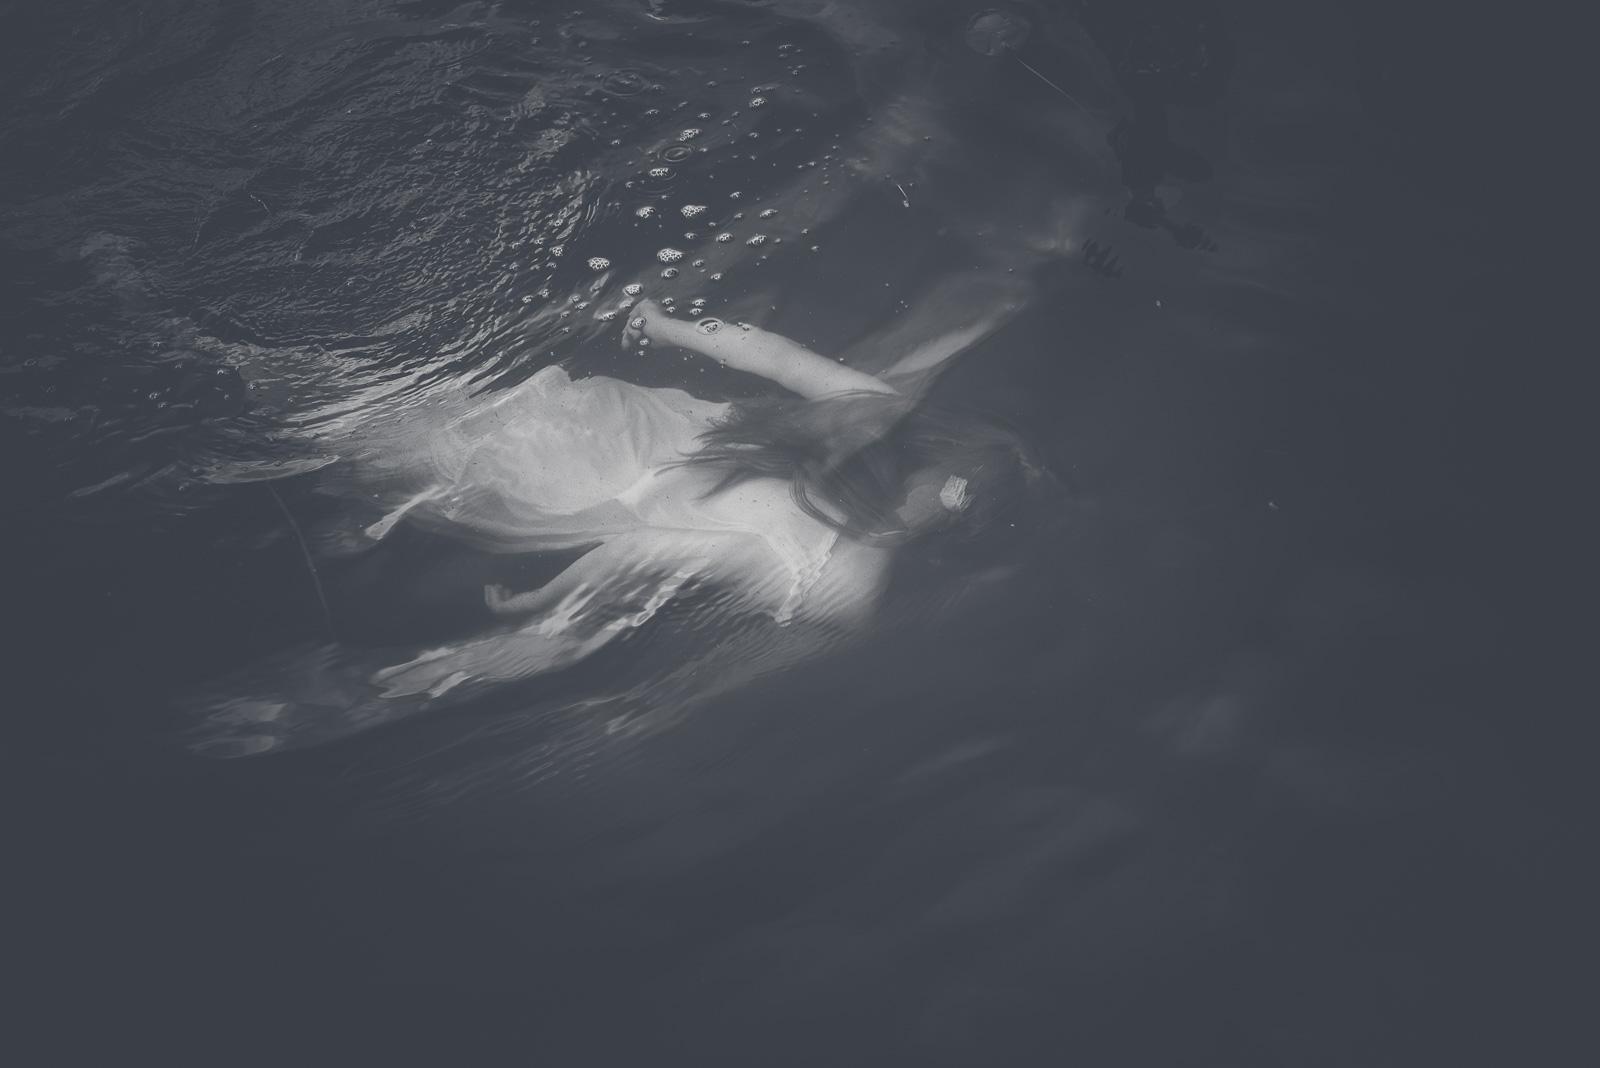 Merenneitojen aikaan